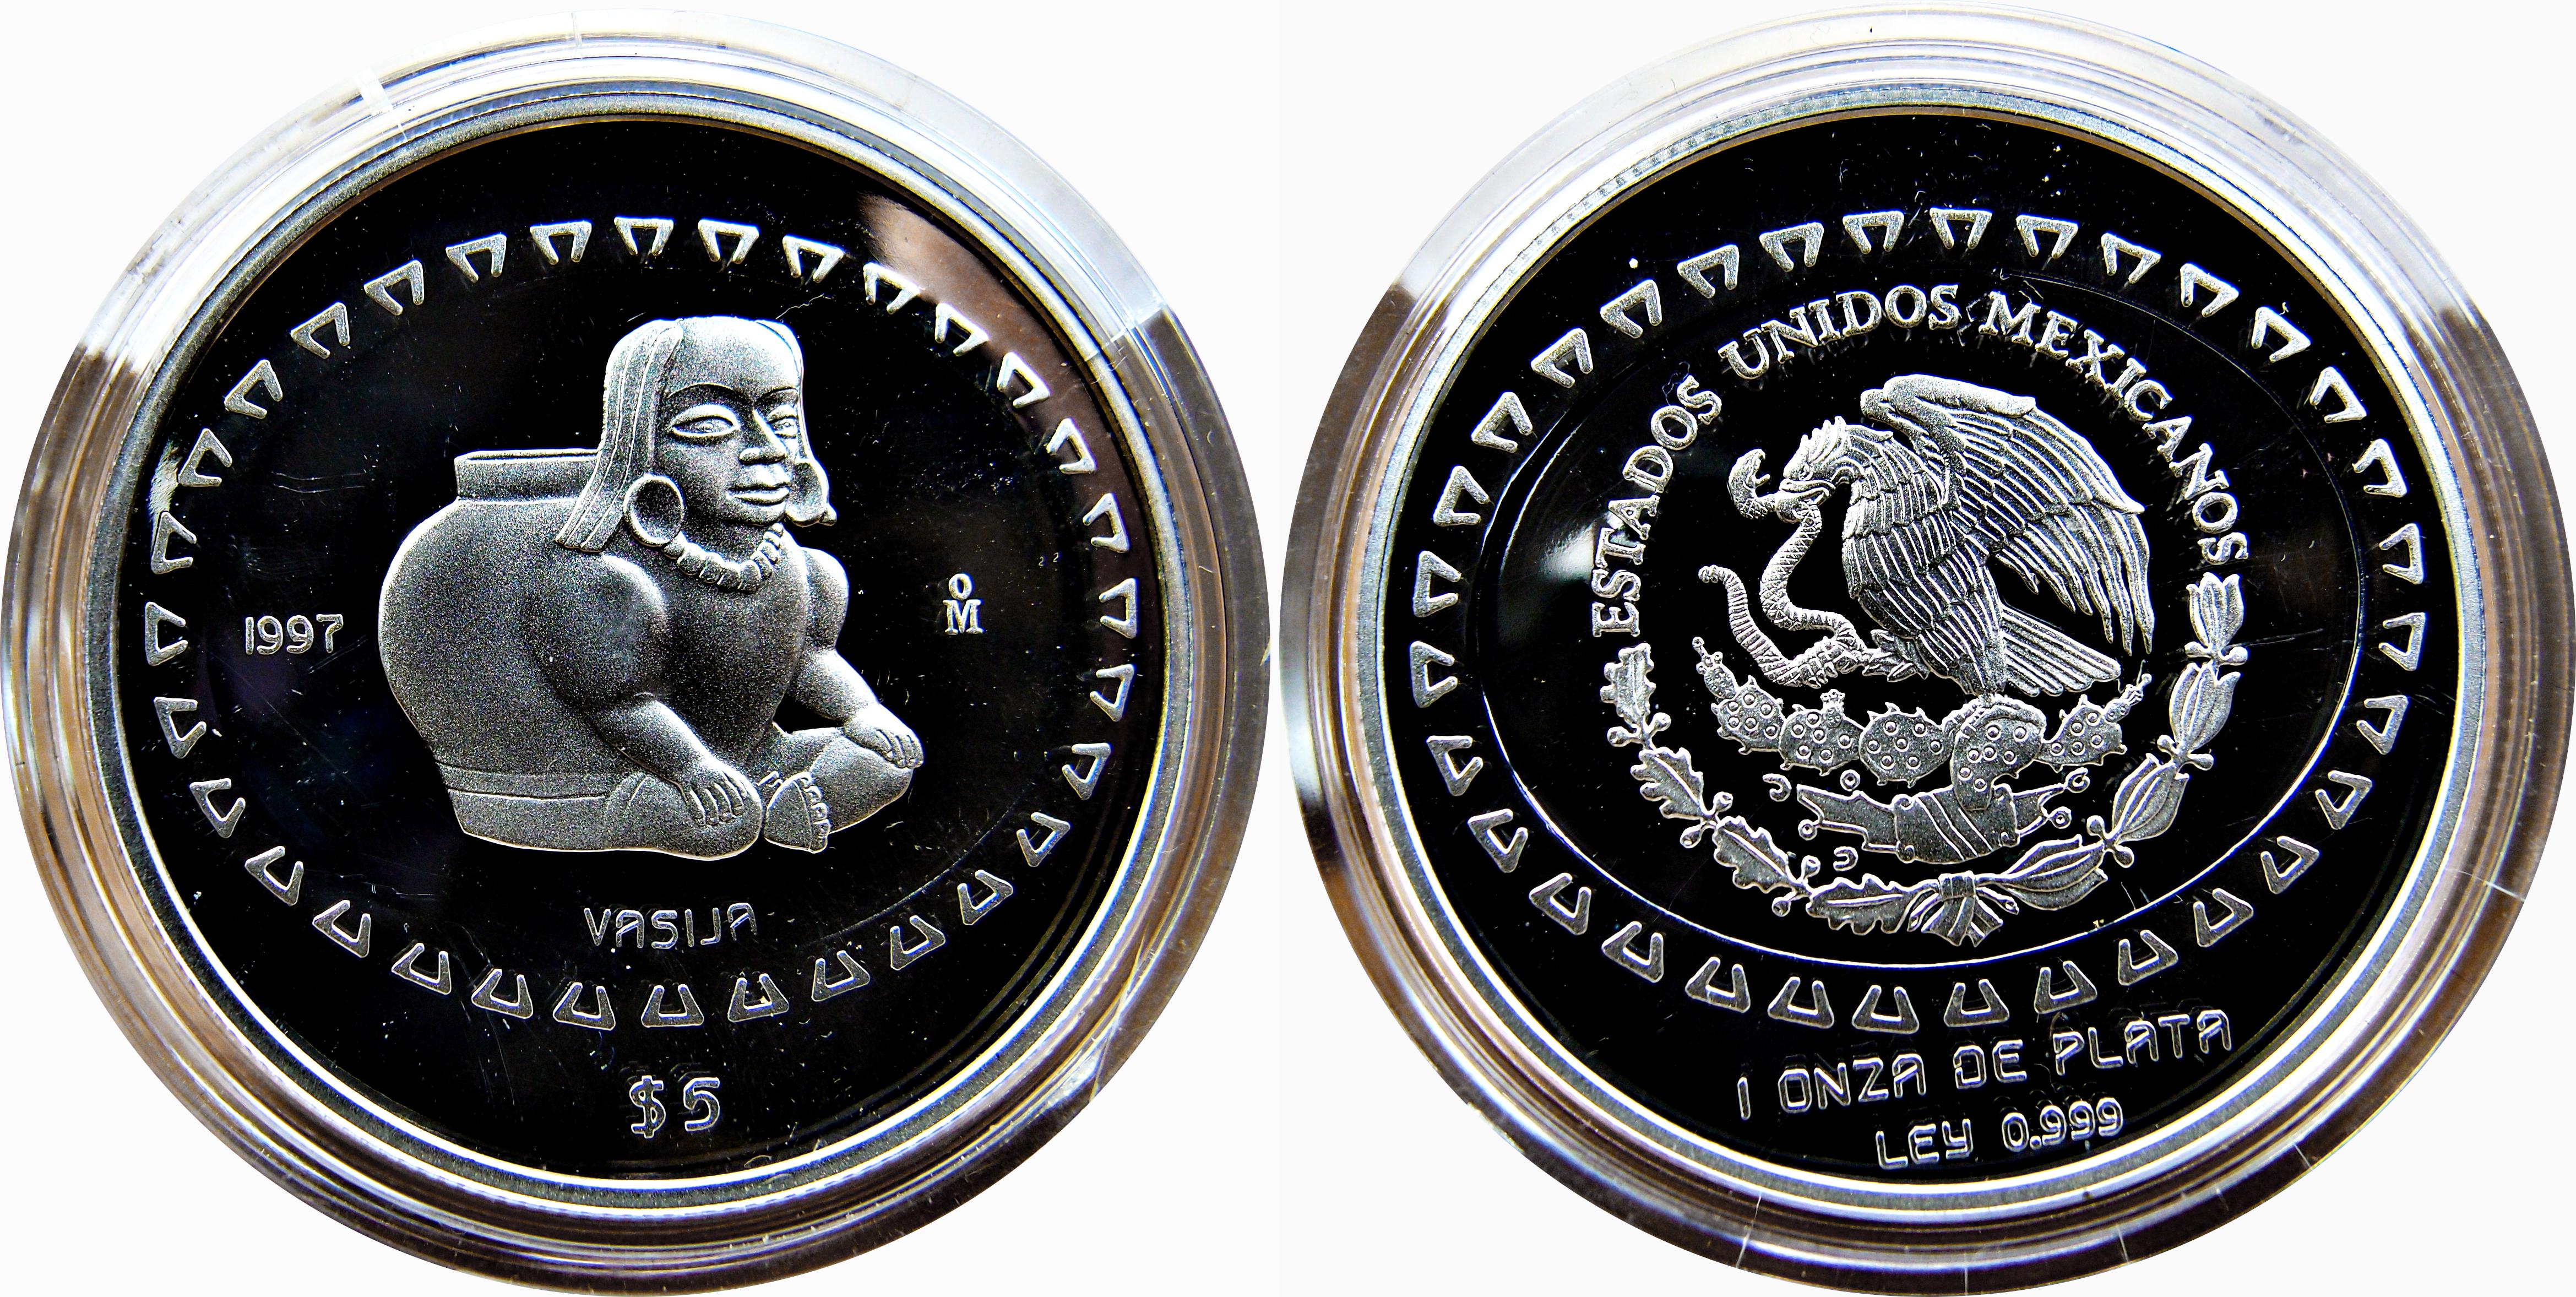 Colección Precolombina de onzas de plata del Banco de Mexico 12123866413_1a36640c03_o